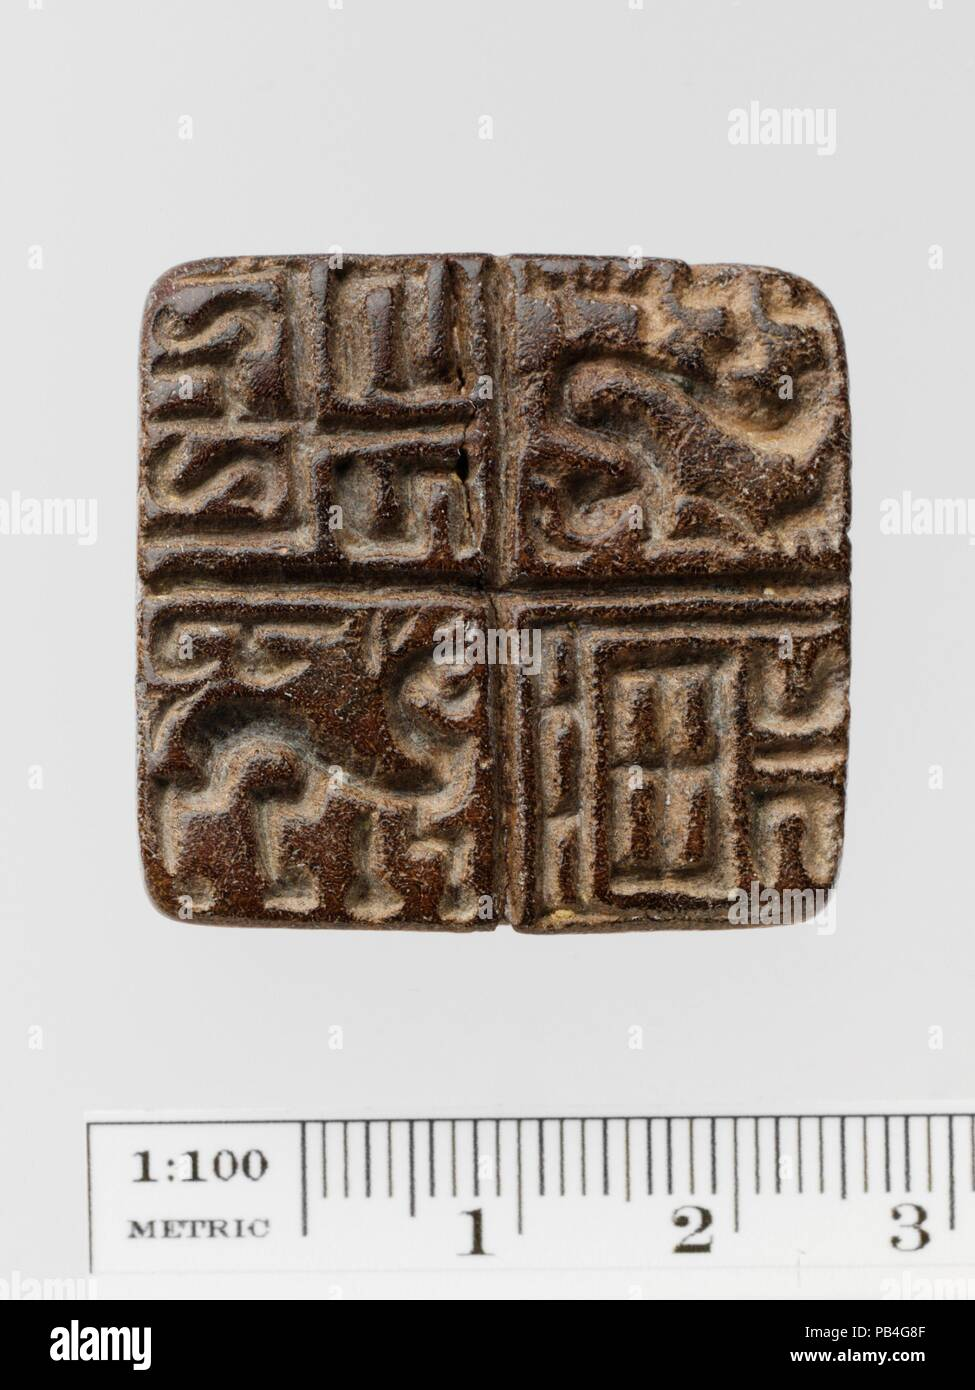 3acc3f42c592 Steatite guarnizione di forma quadrangolare. Cultura  greco. Dimensioni  L.  3.3 cm